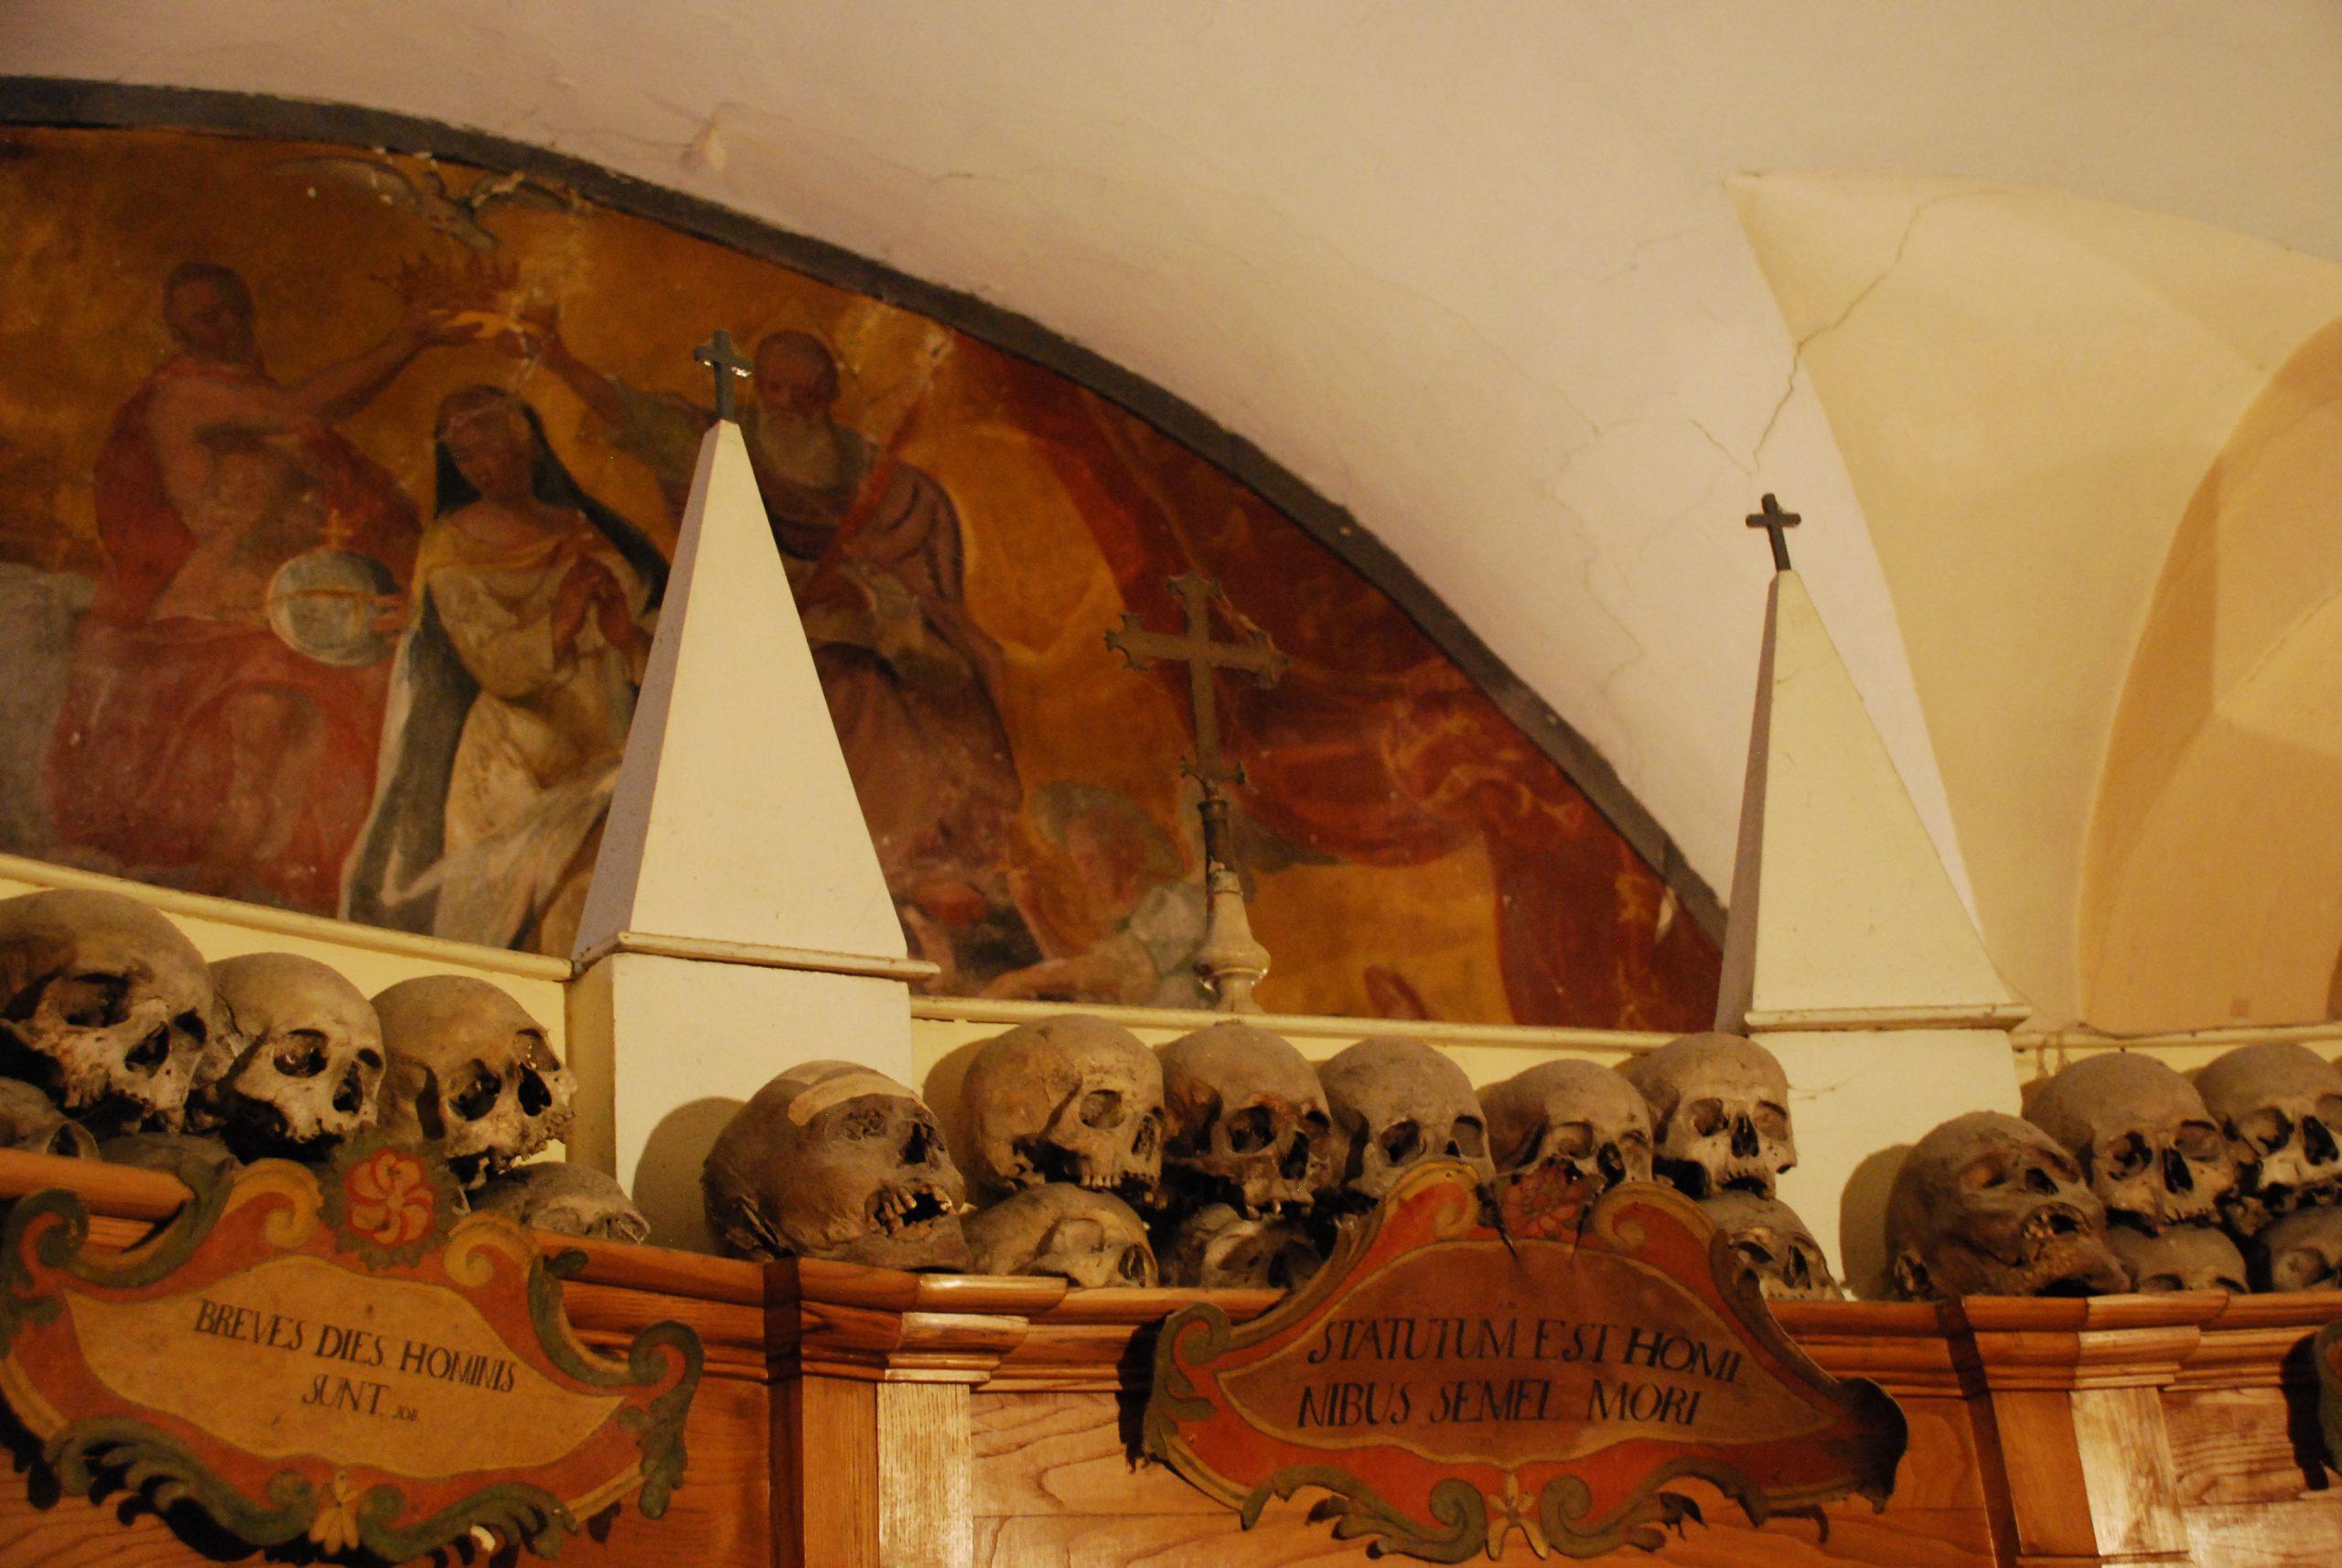 urbania chiesa dei morti